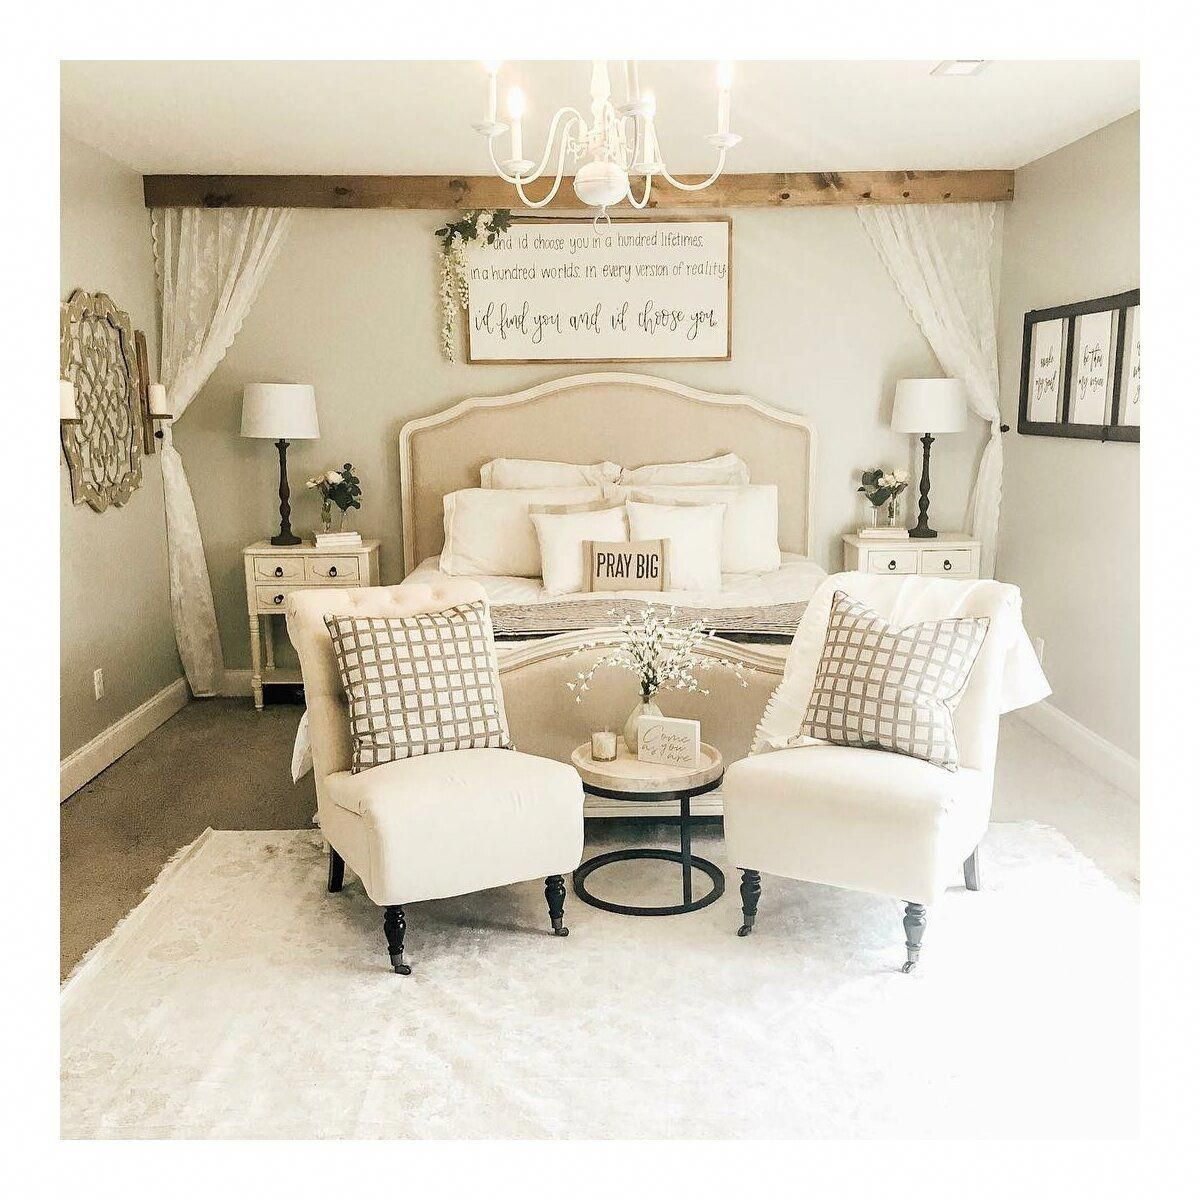 50 Models of Creative Wooden Beds in 2020 Cream bedroom